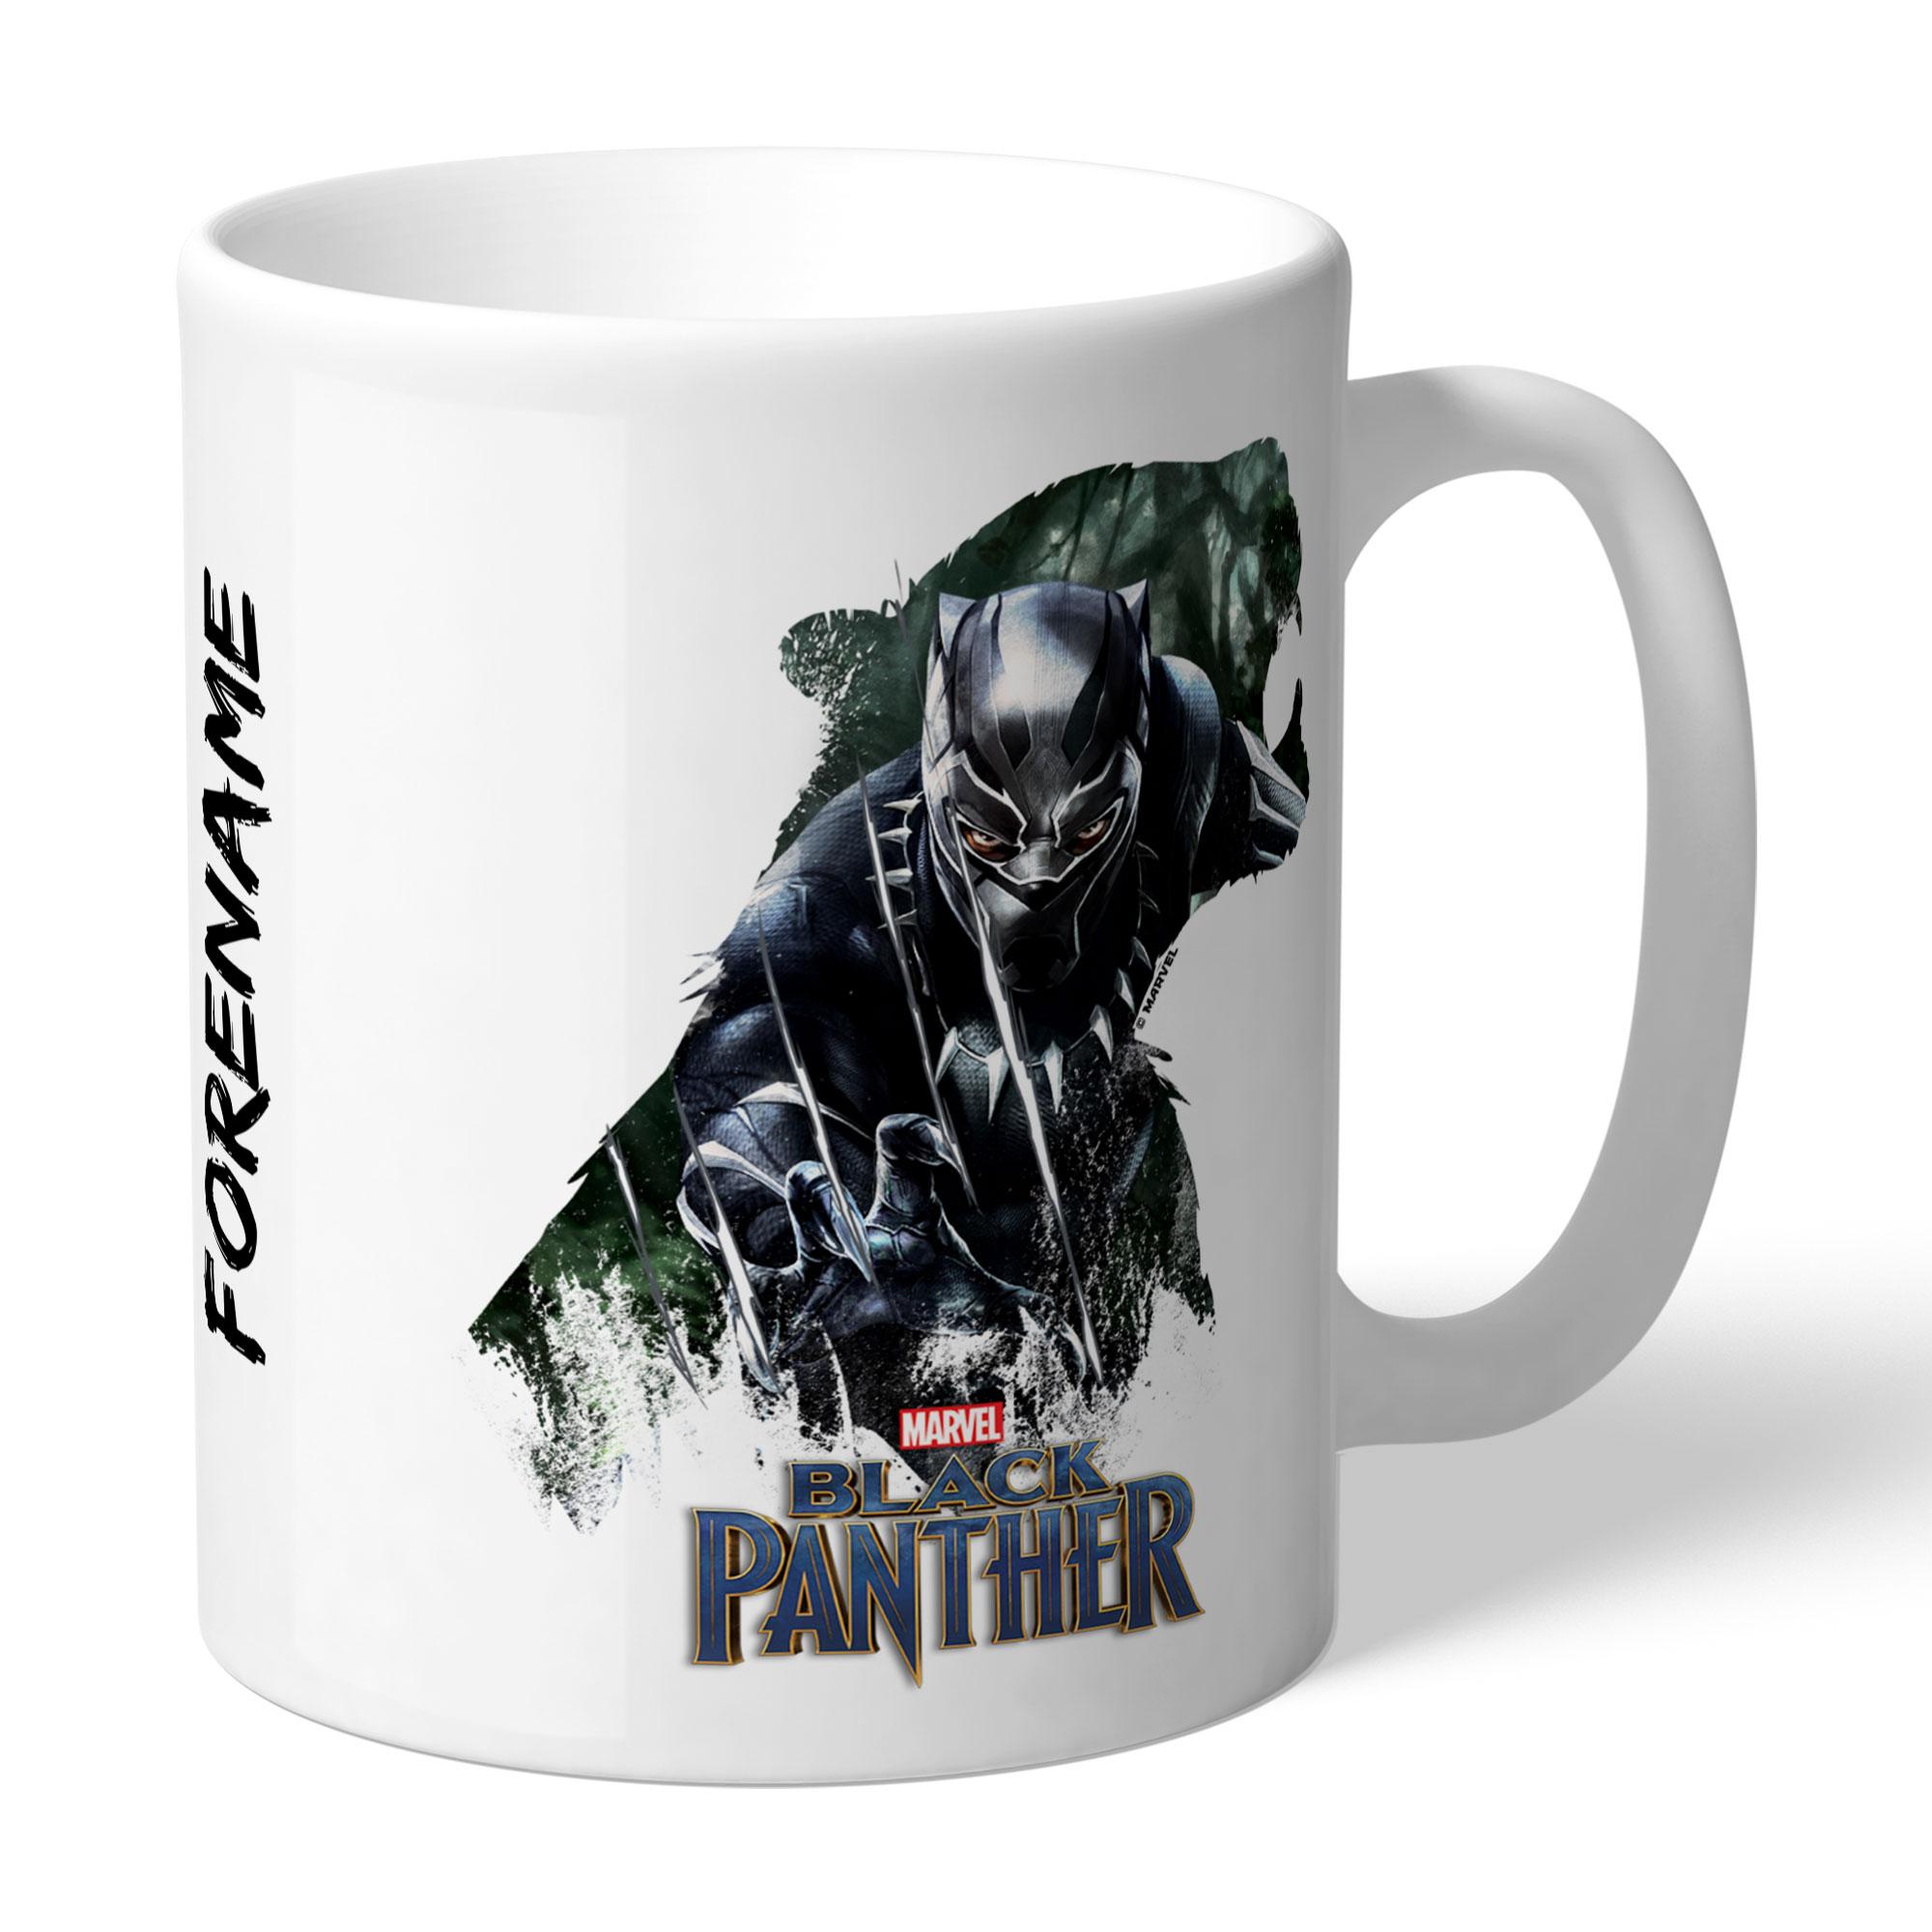 Marvel Black Panther Double Exposure Mug